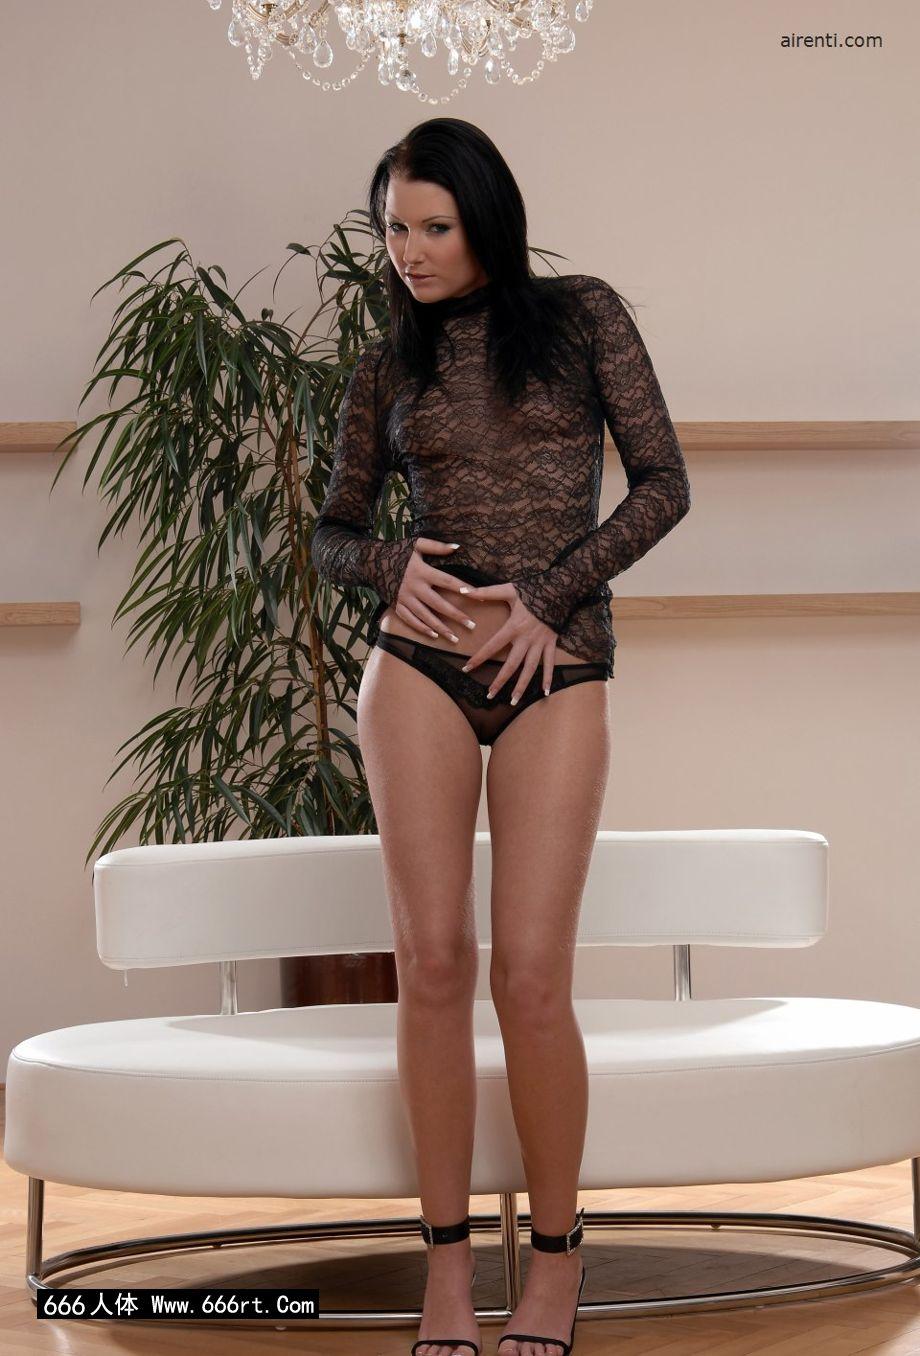 嫩模Janet居家棚拍薄透情趣内裤写照_人体模特888